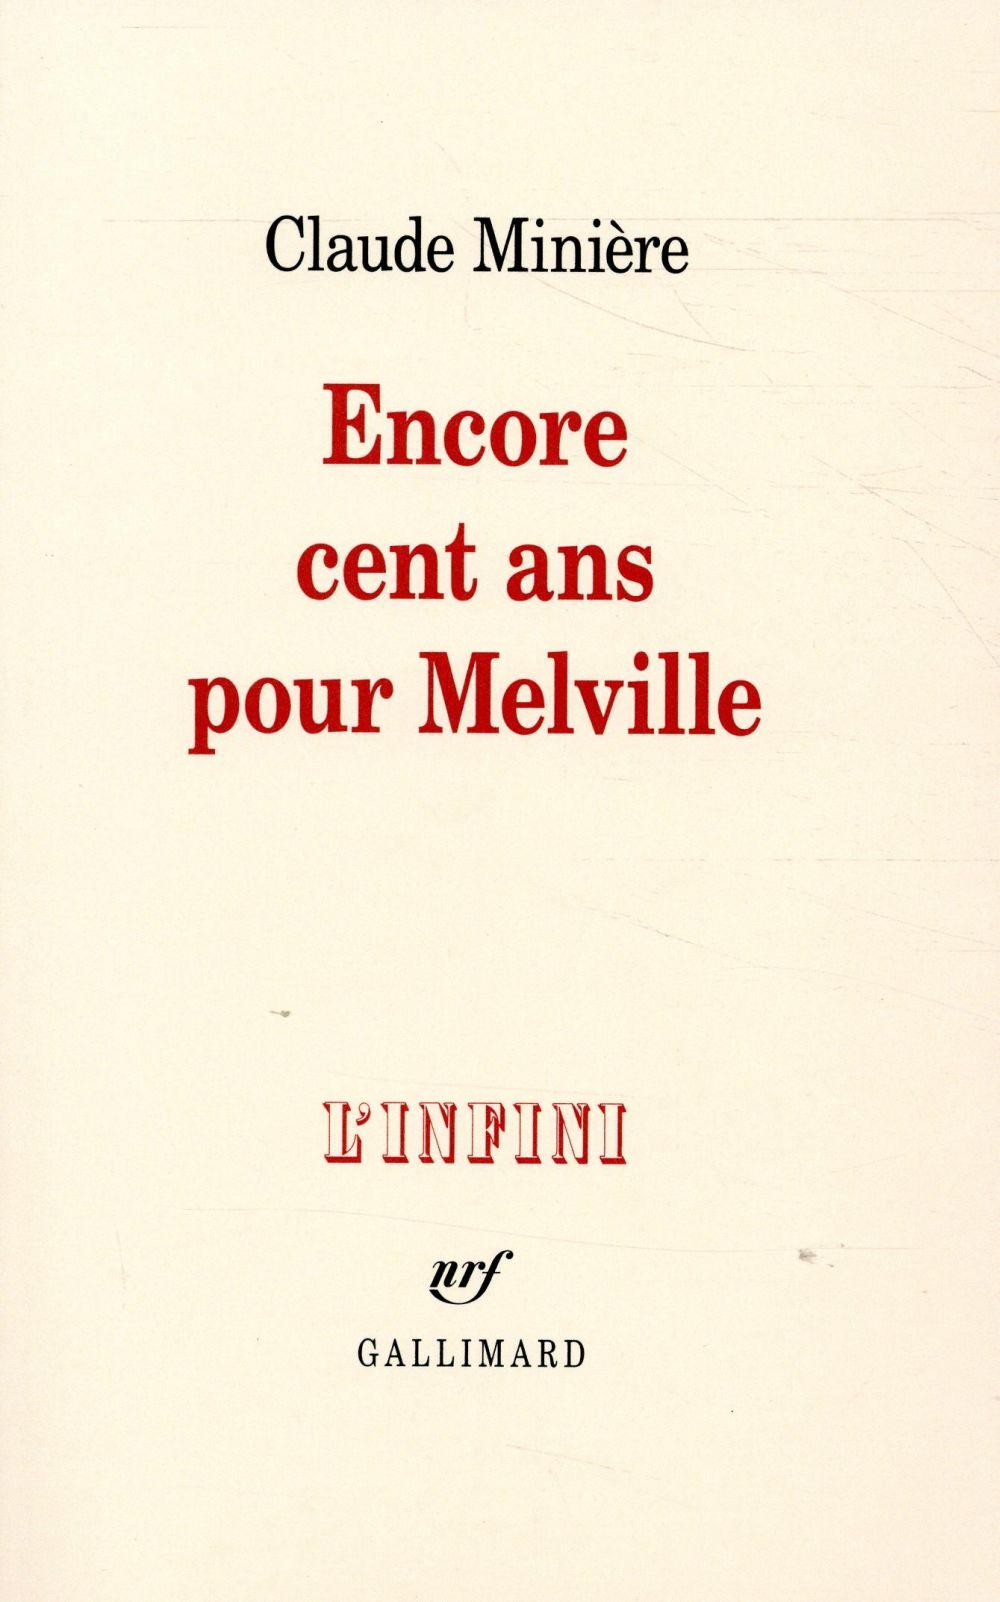 Encore cent ans pour Melville